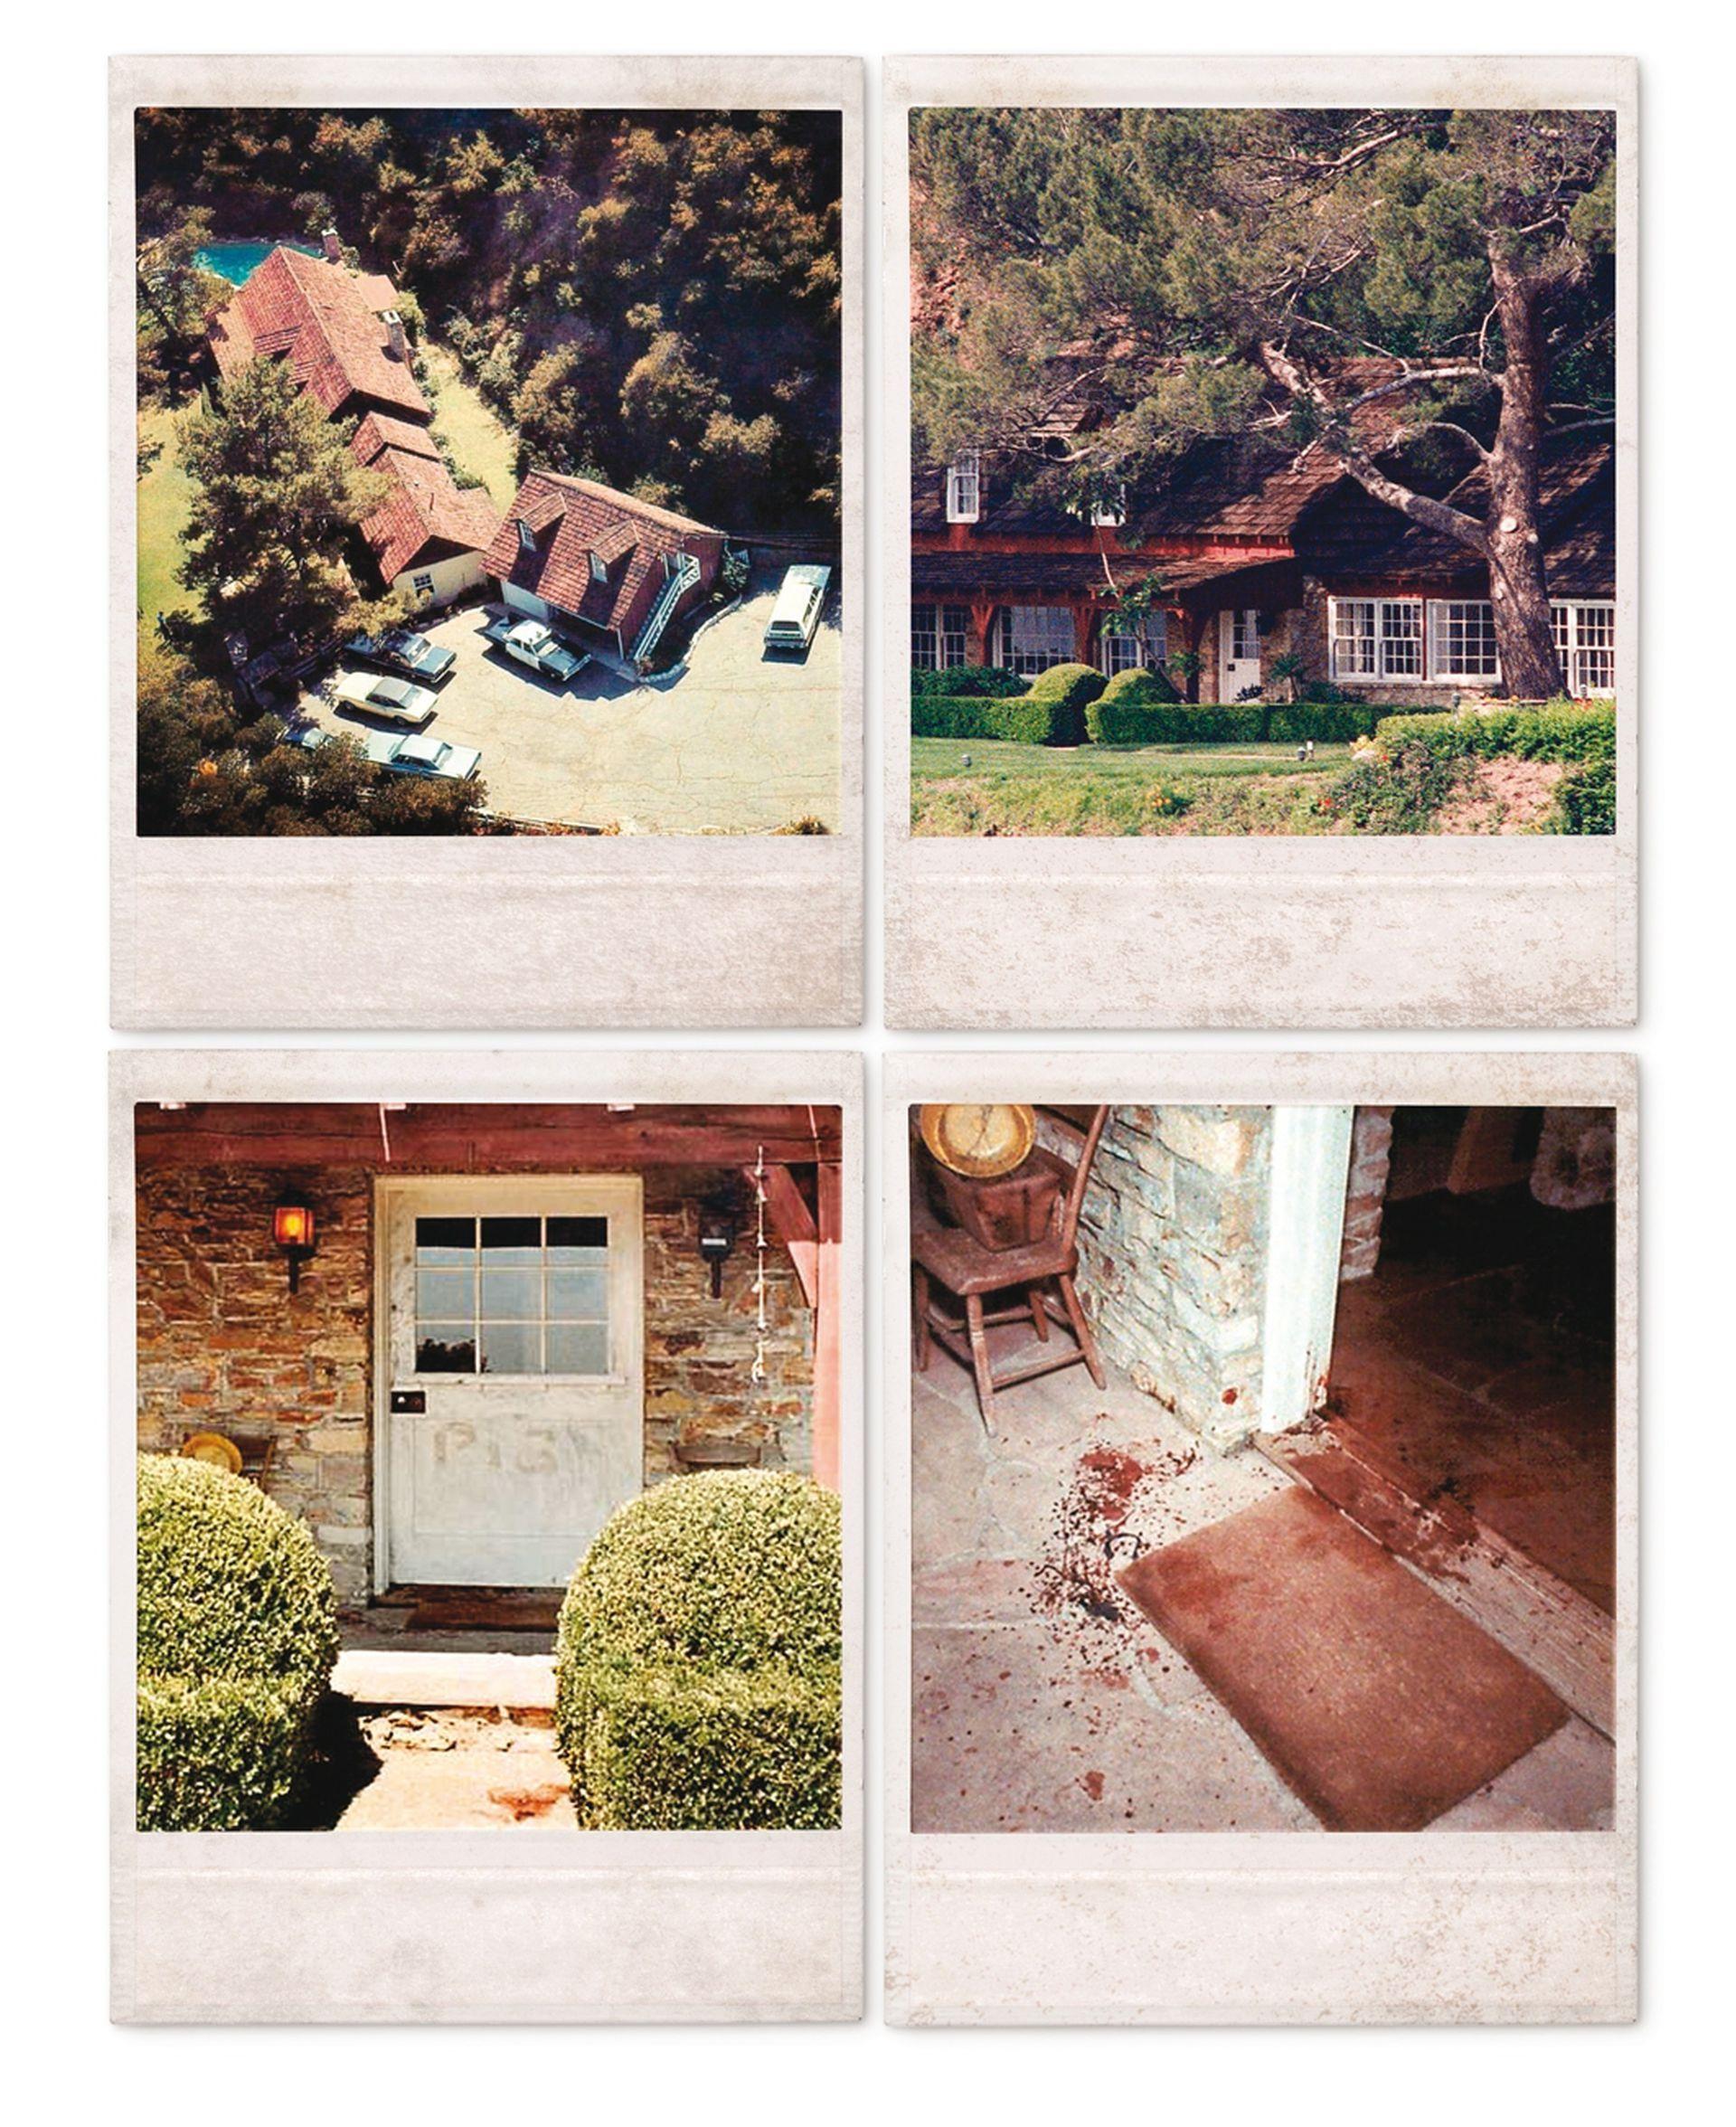 """La casa de Cielo Drive 1050, donde mataron a Sharon Tate y sus amigos, fue demolida en 1994. Susan Atkins escribió """"Pig"""" (cerdo) en la puerta de entrada con sangre de los asesinados"""